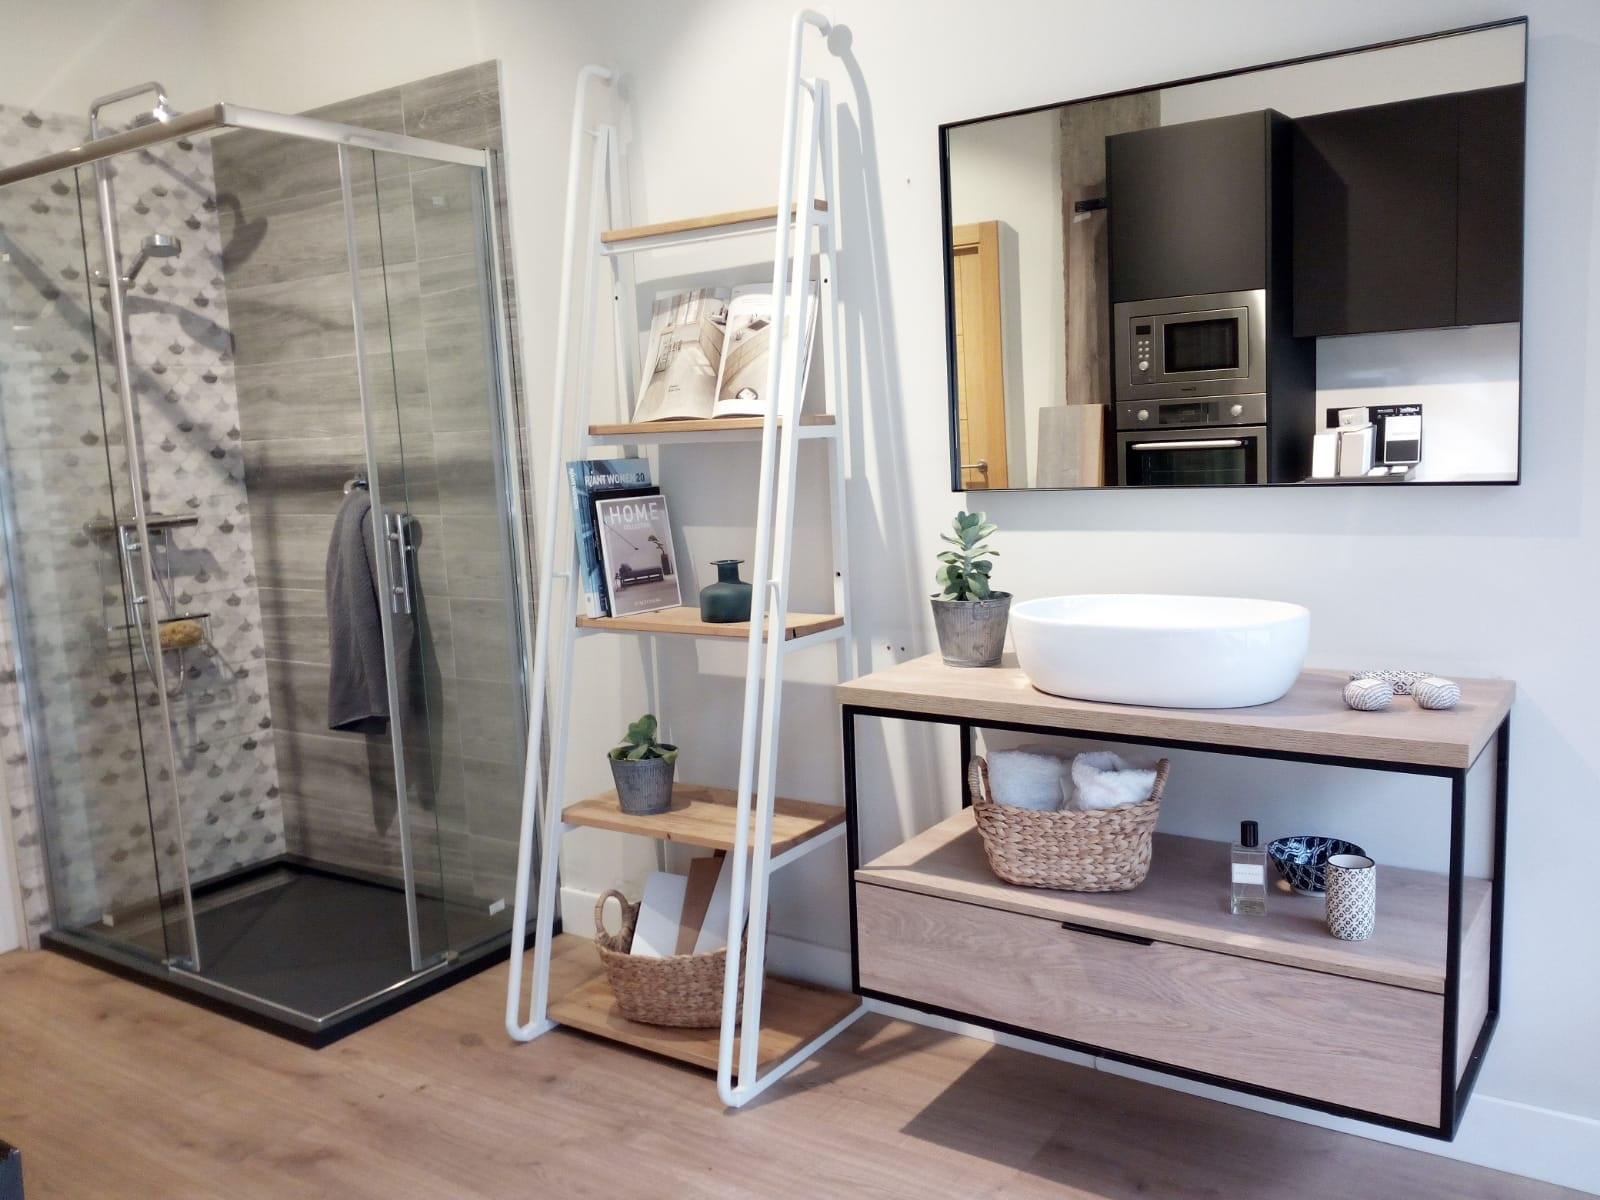 Nuevo mueble de baño estilo industrial